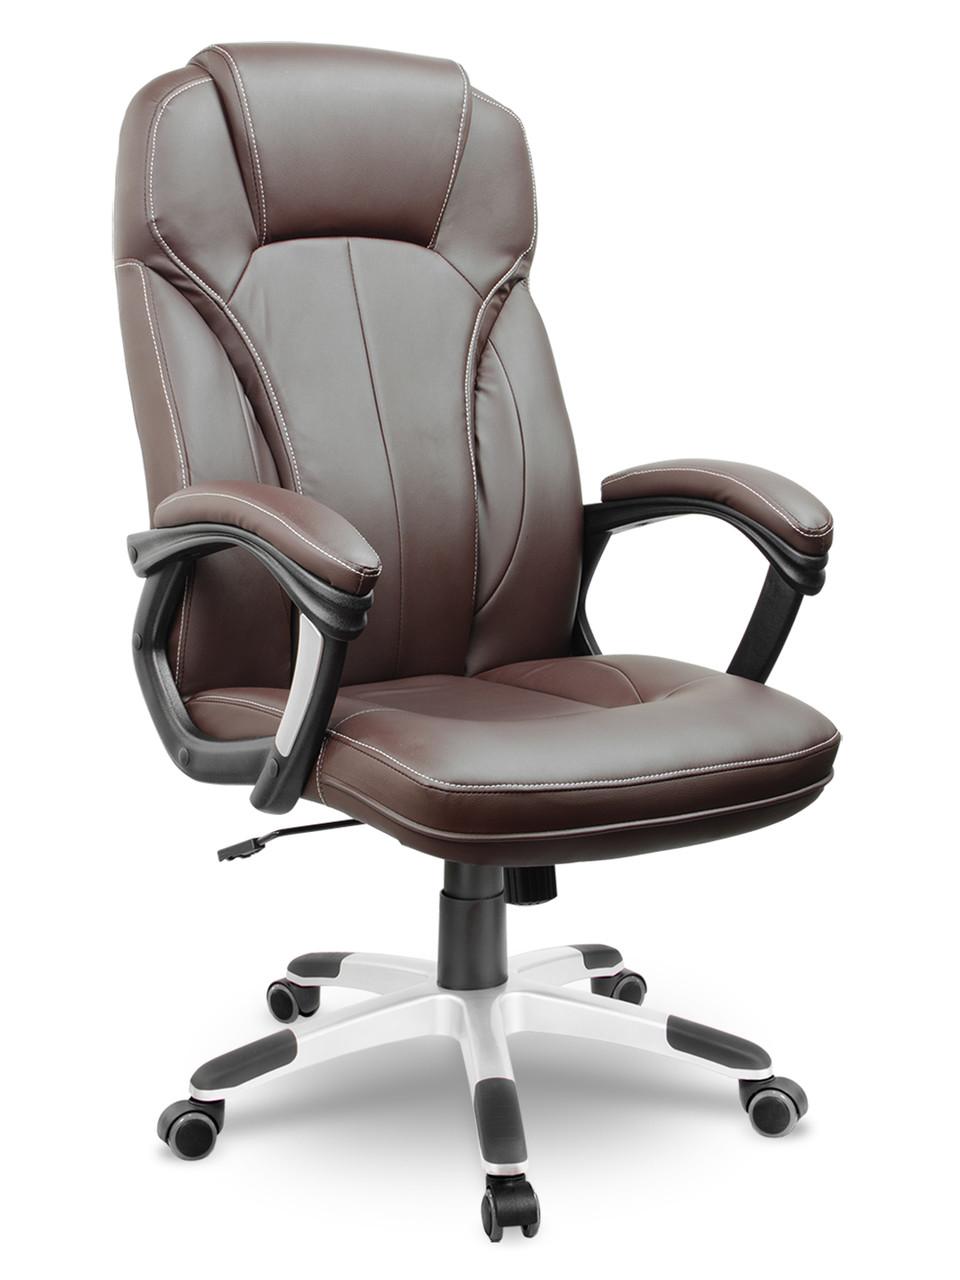 Кресло стул офисный кожаный Sofotel EG-222 коричневый